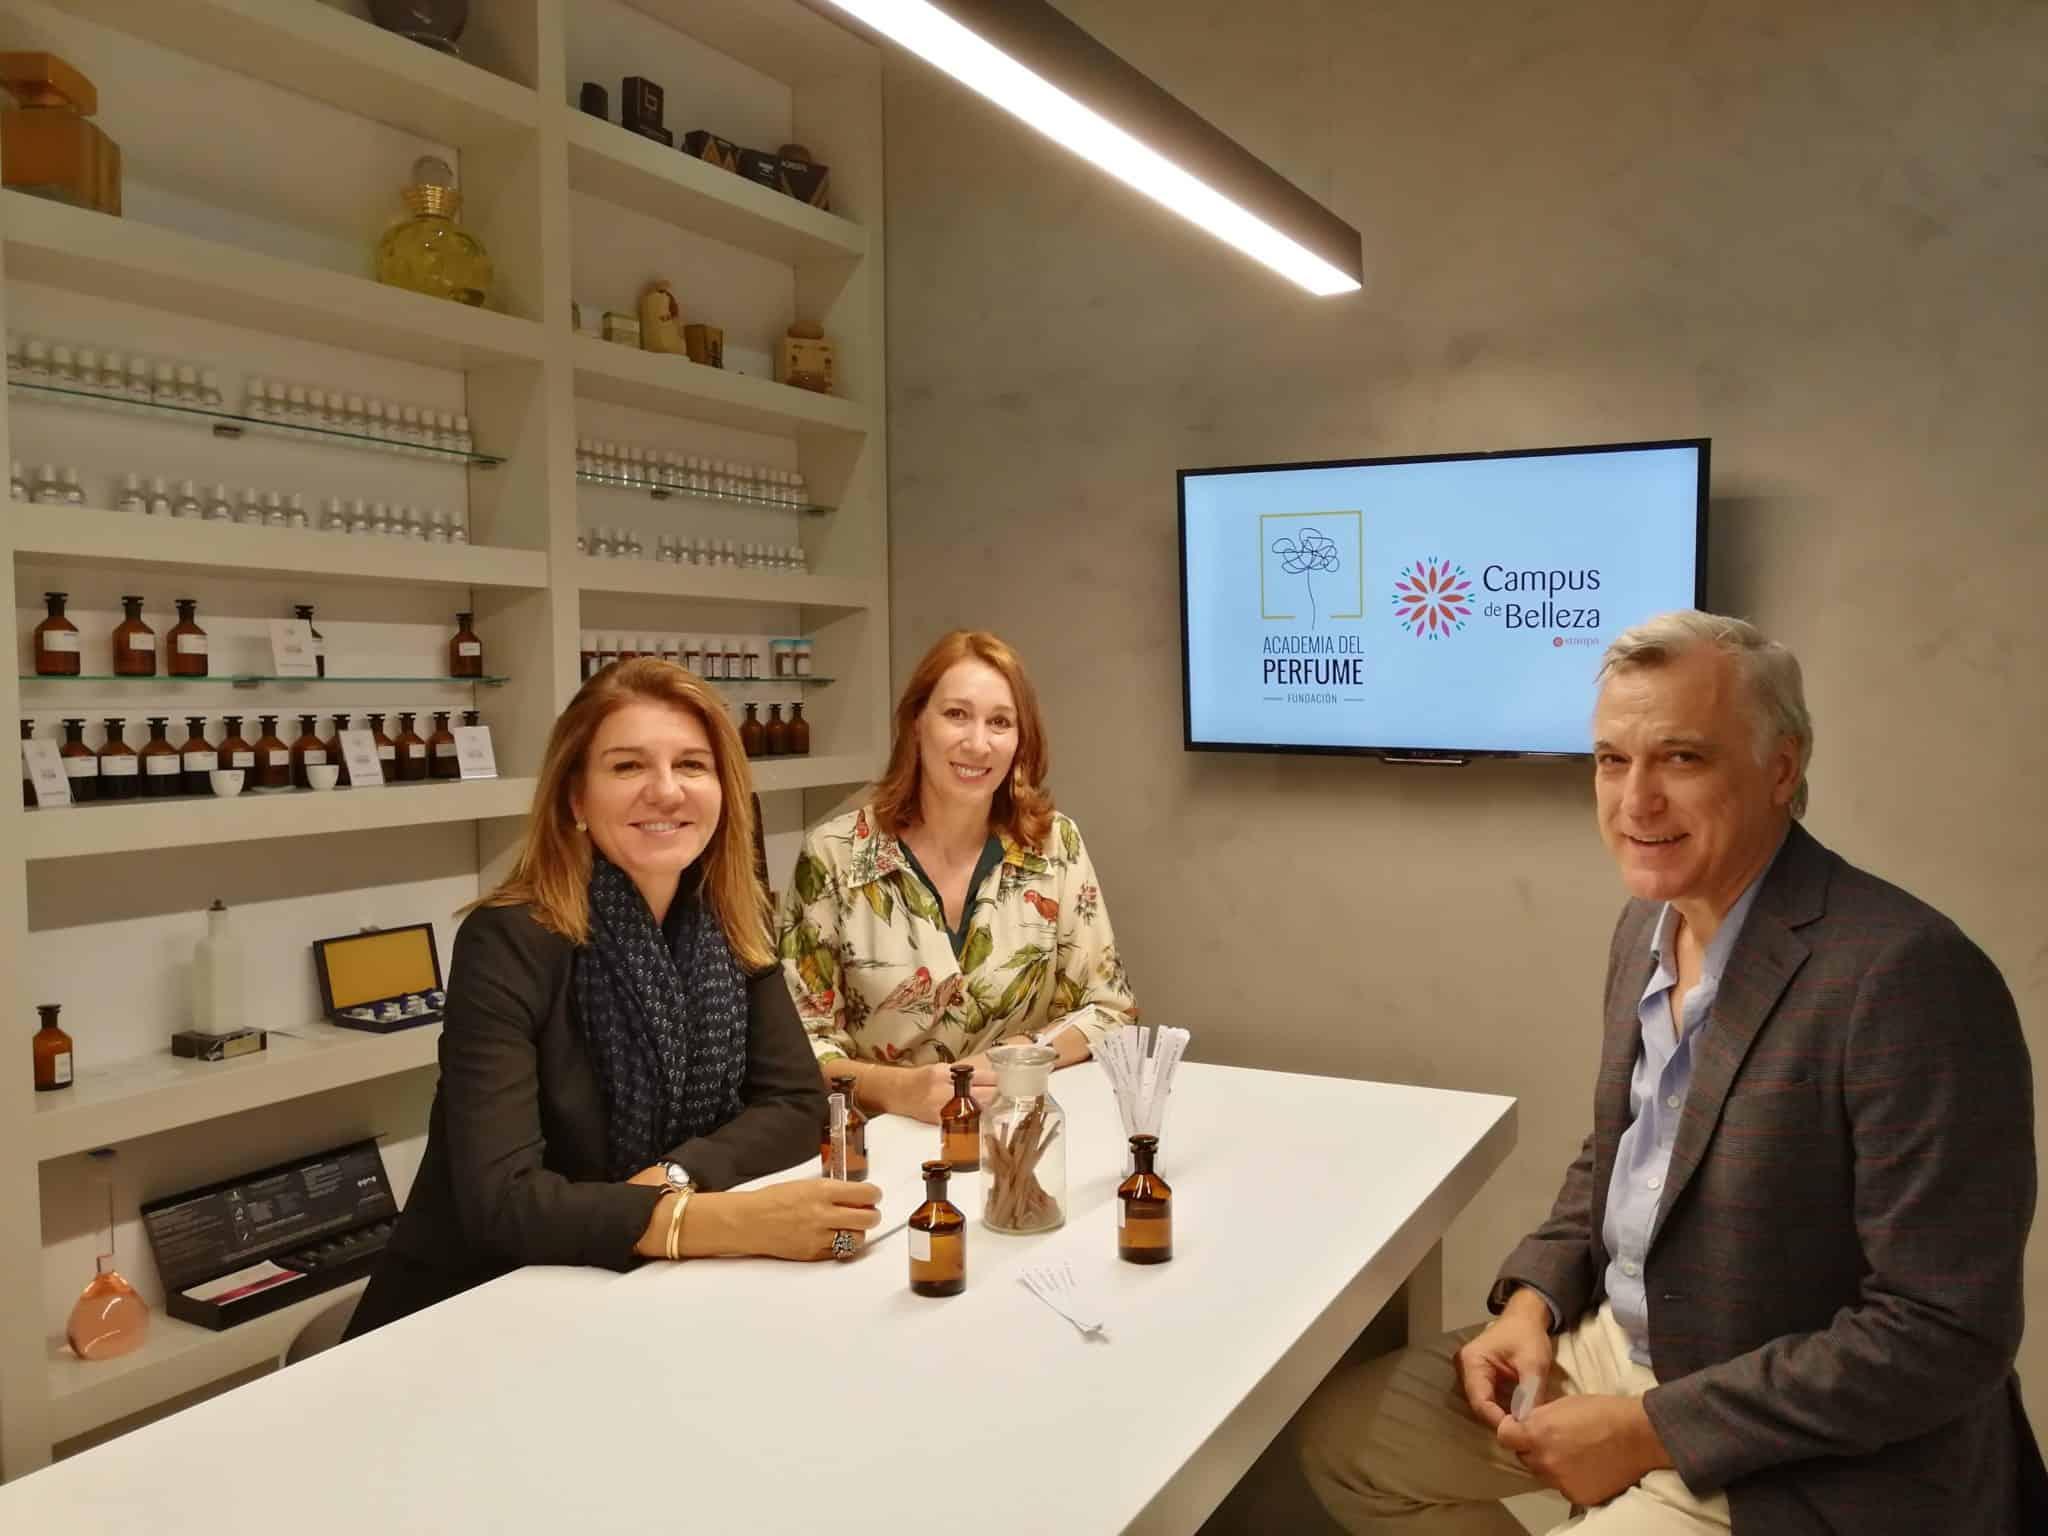 Alianza para la formación en perfume en punto de venta entre la Academia del Perfume y el Campus de Belleza Stanpa